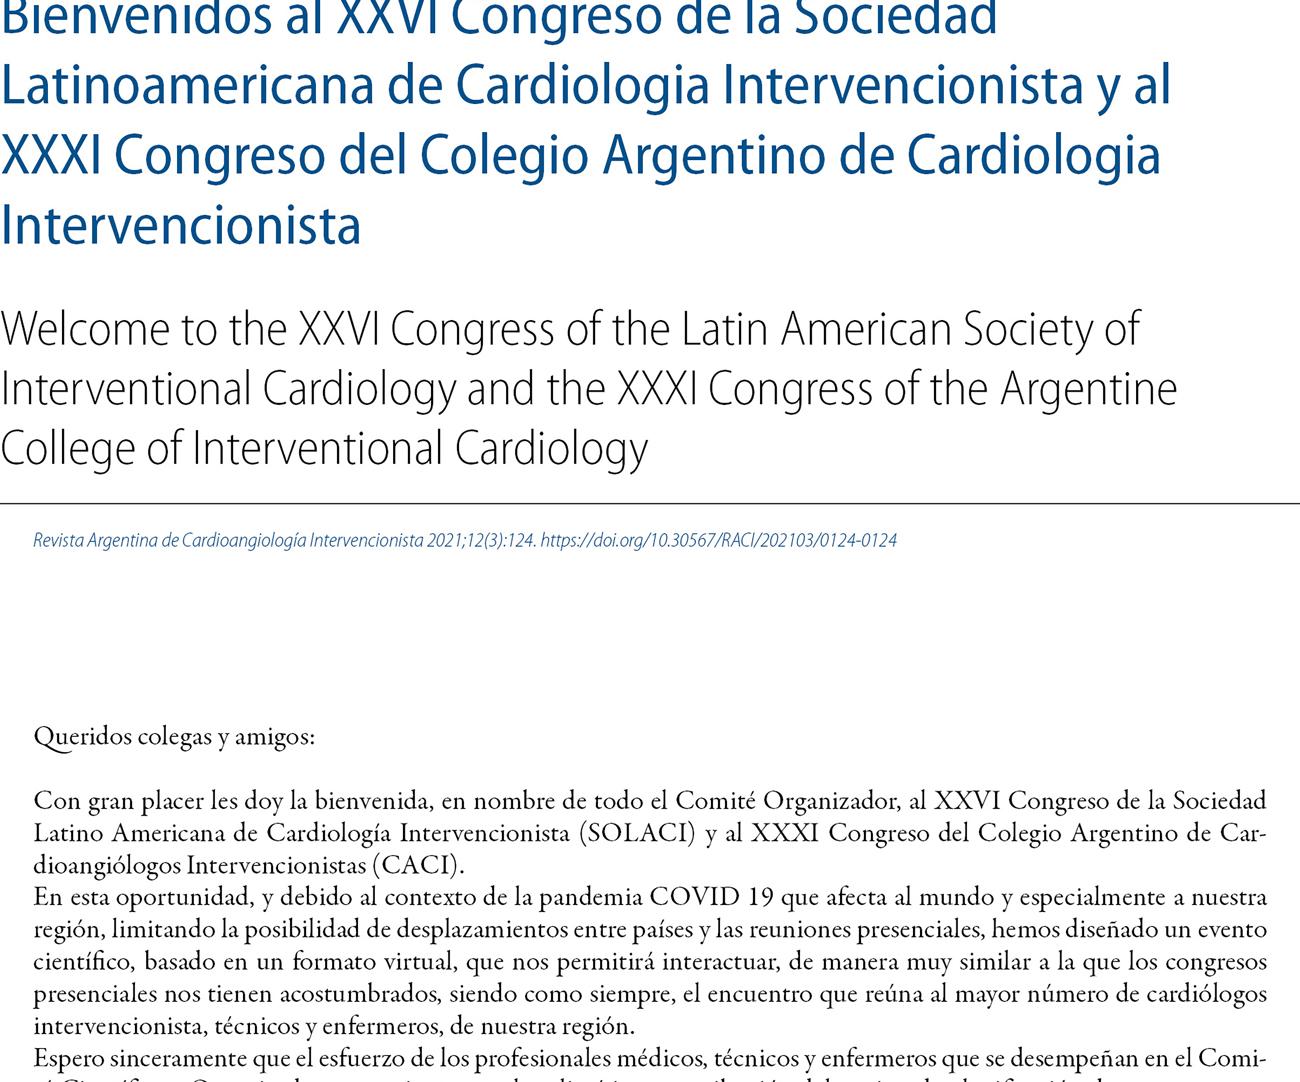 Bienvenidos al XXVI Congreso de la Sociedad Latinoamericana de Cardiologia Intervencionista y al XXXI Congreso del Colegio Argentino de Cardiologia Intervencionista